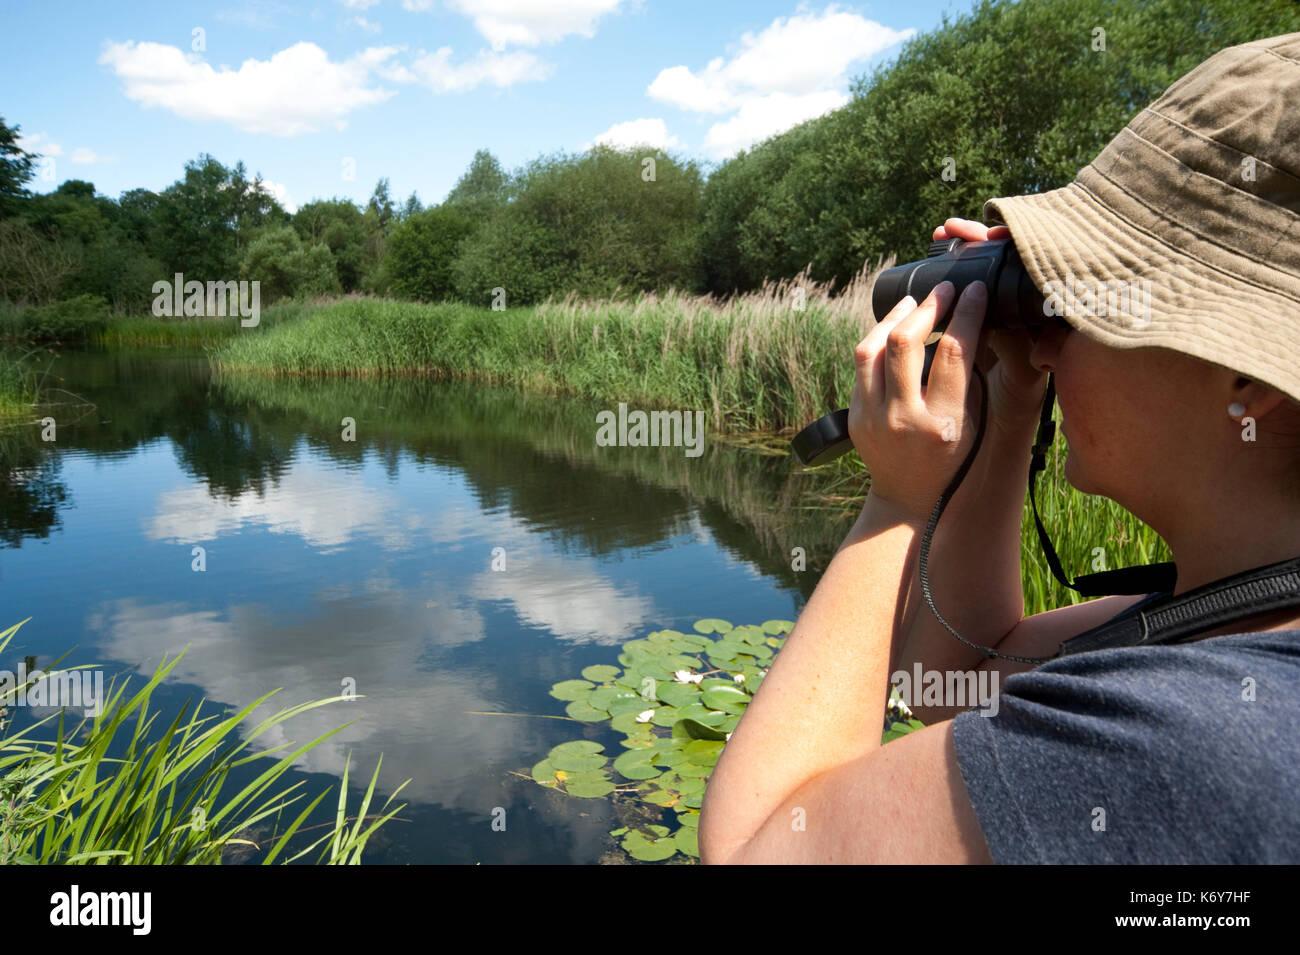 Konus ferngläser für die vogelbeobachtung günstig kaufen ebay